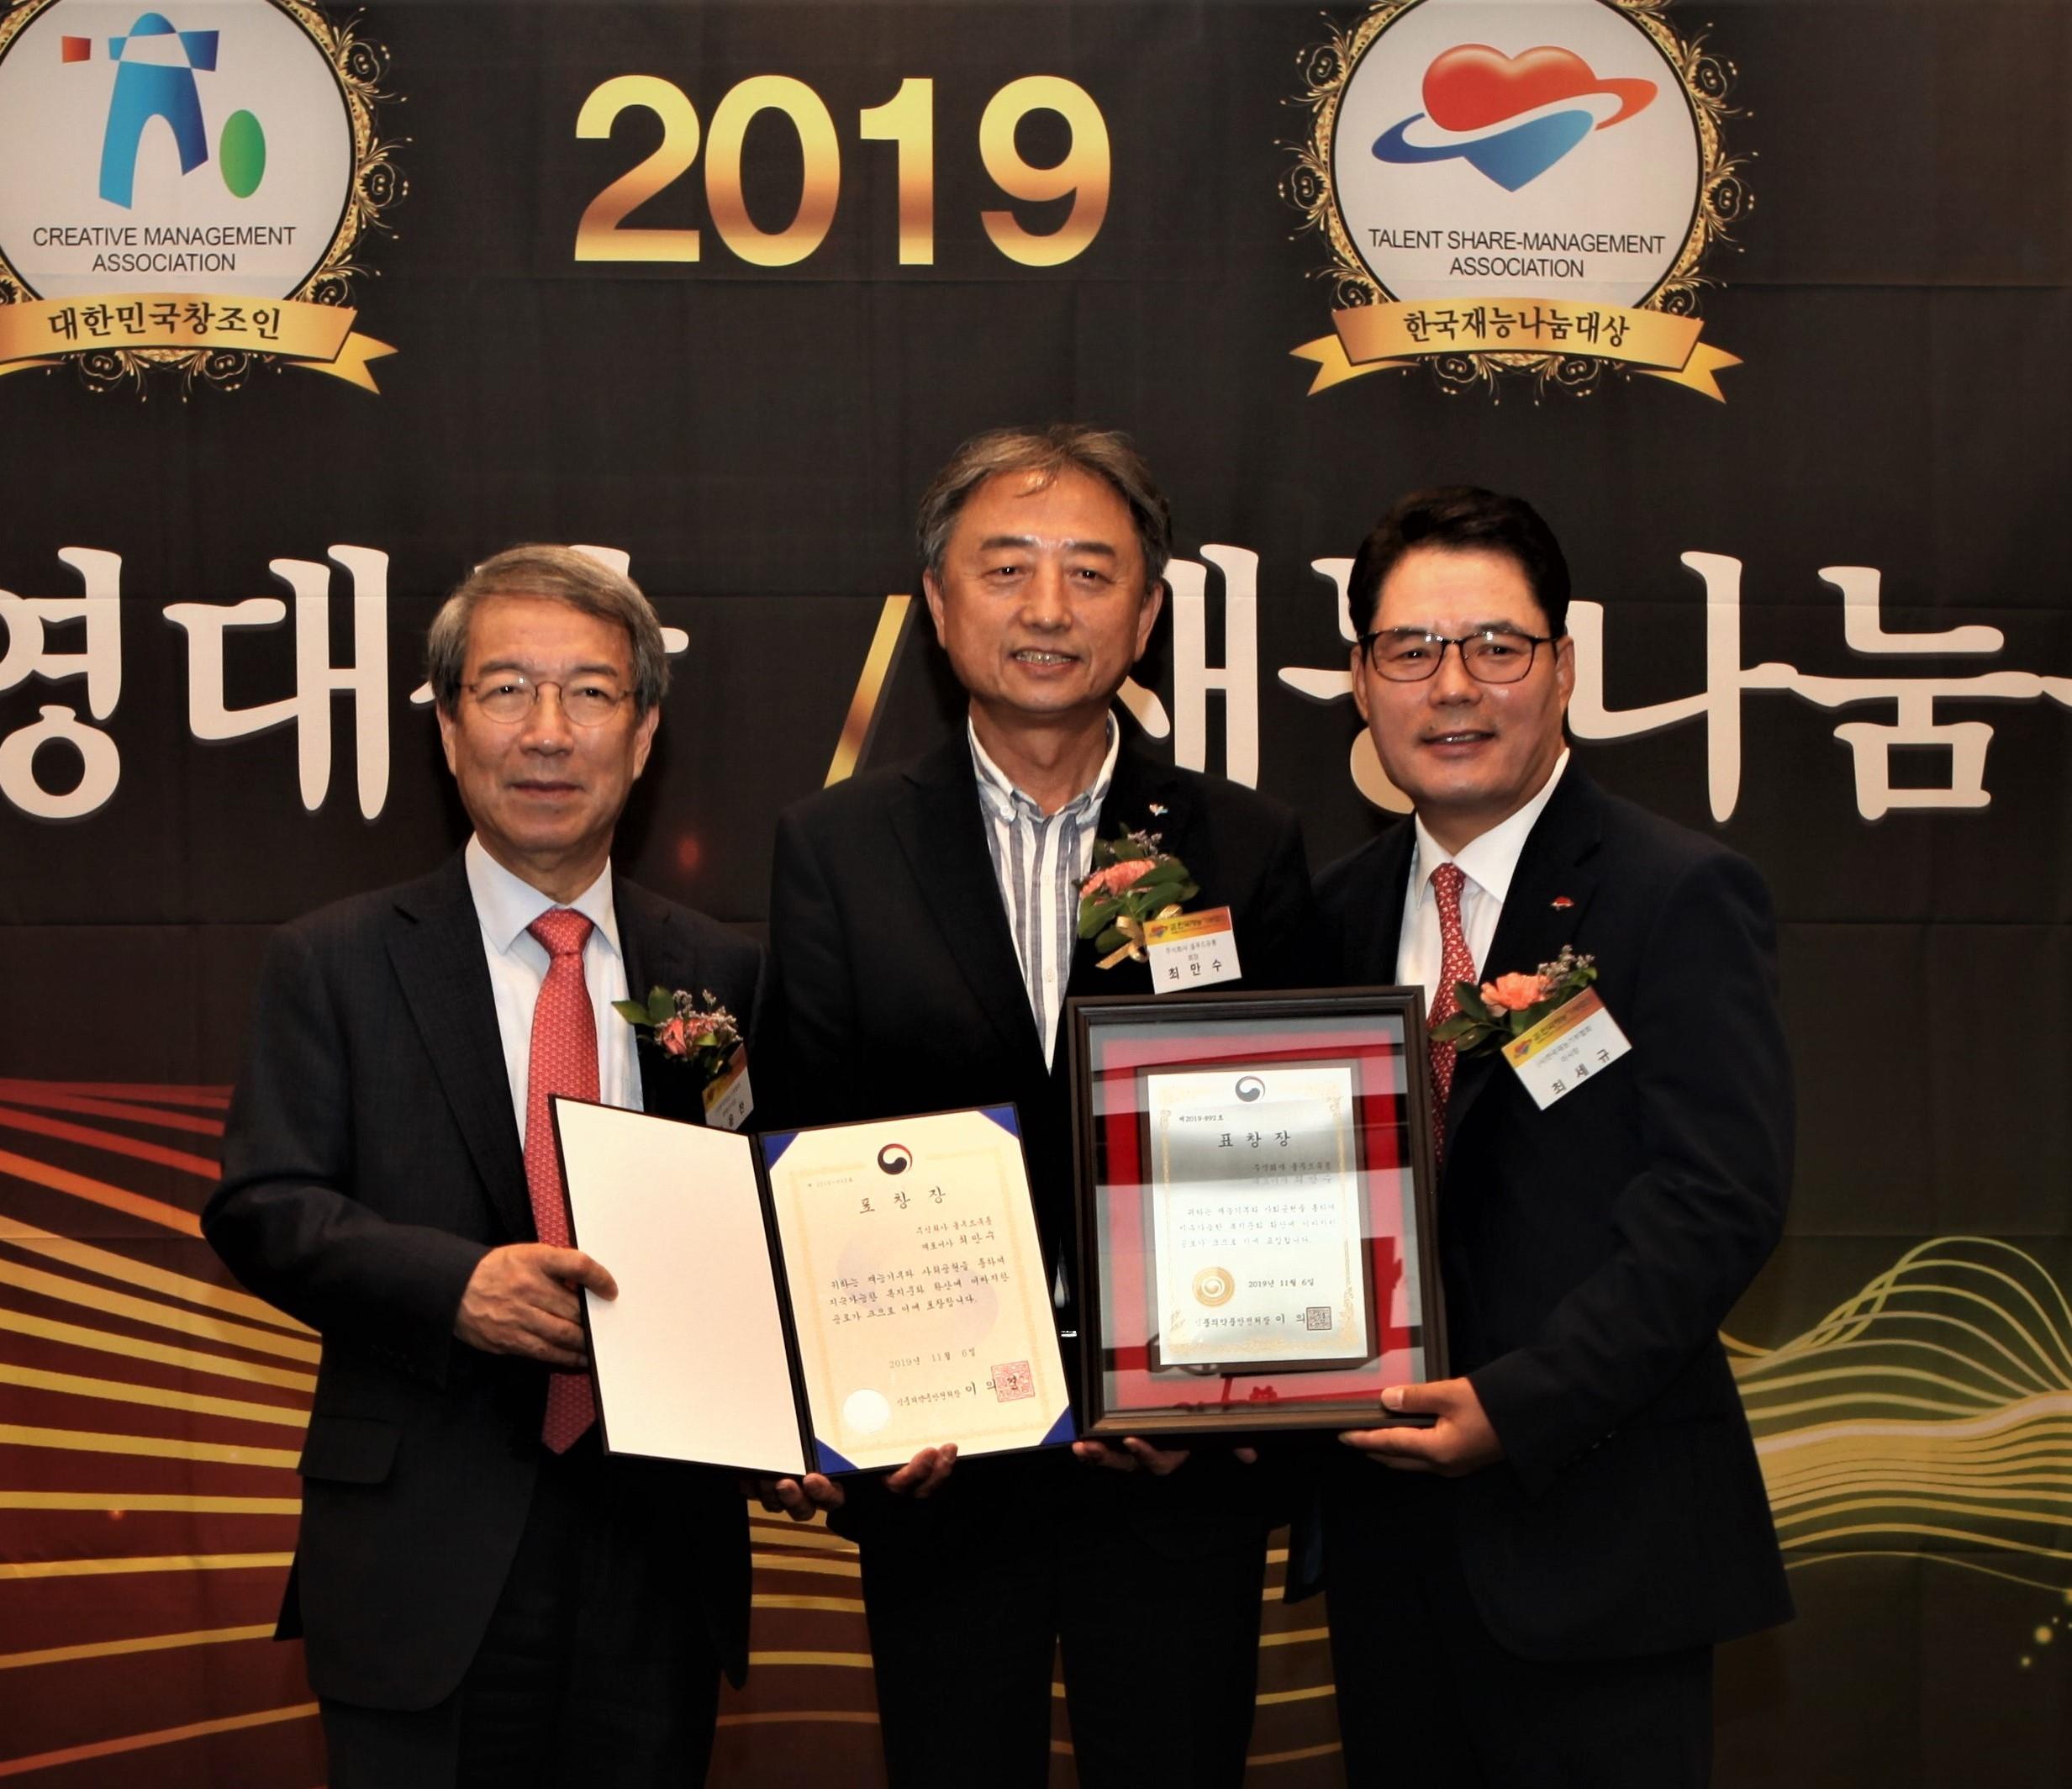 최만수 올푸드 회장, 창조혁신경영 대상 수상 영광